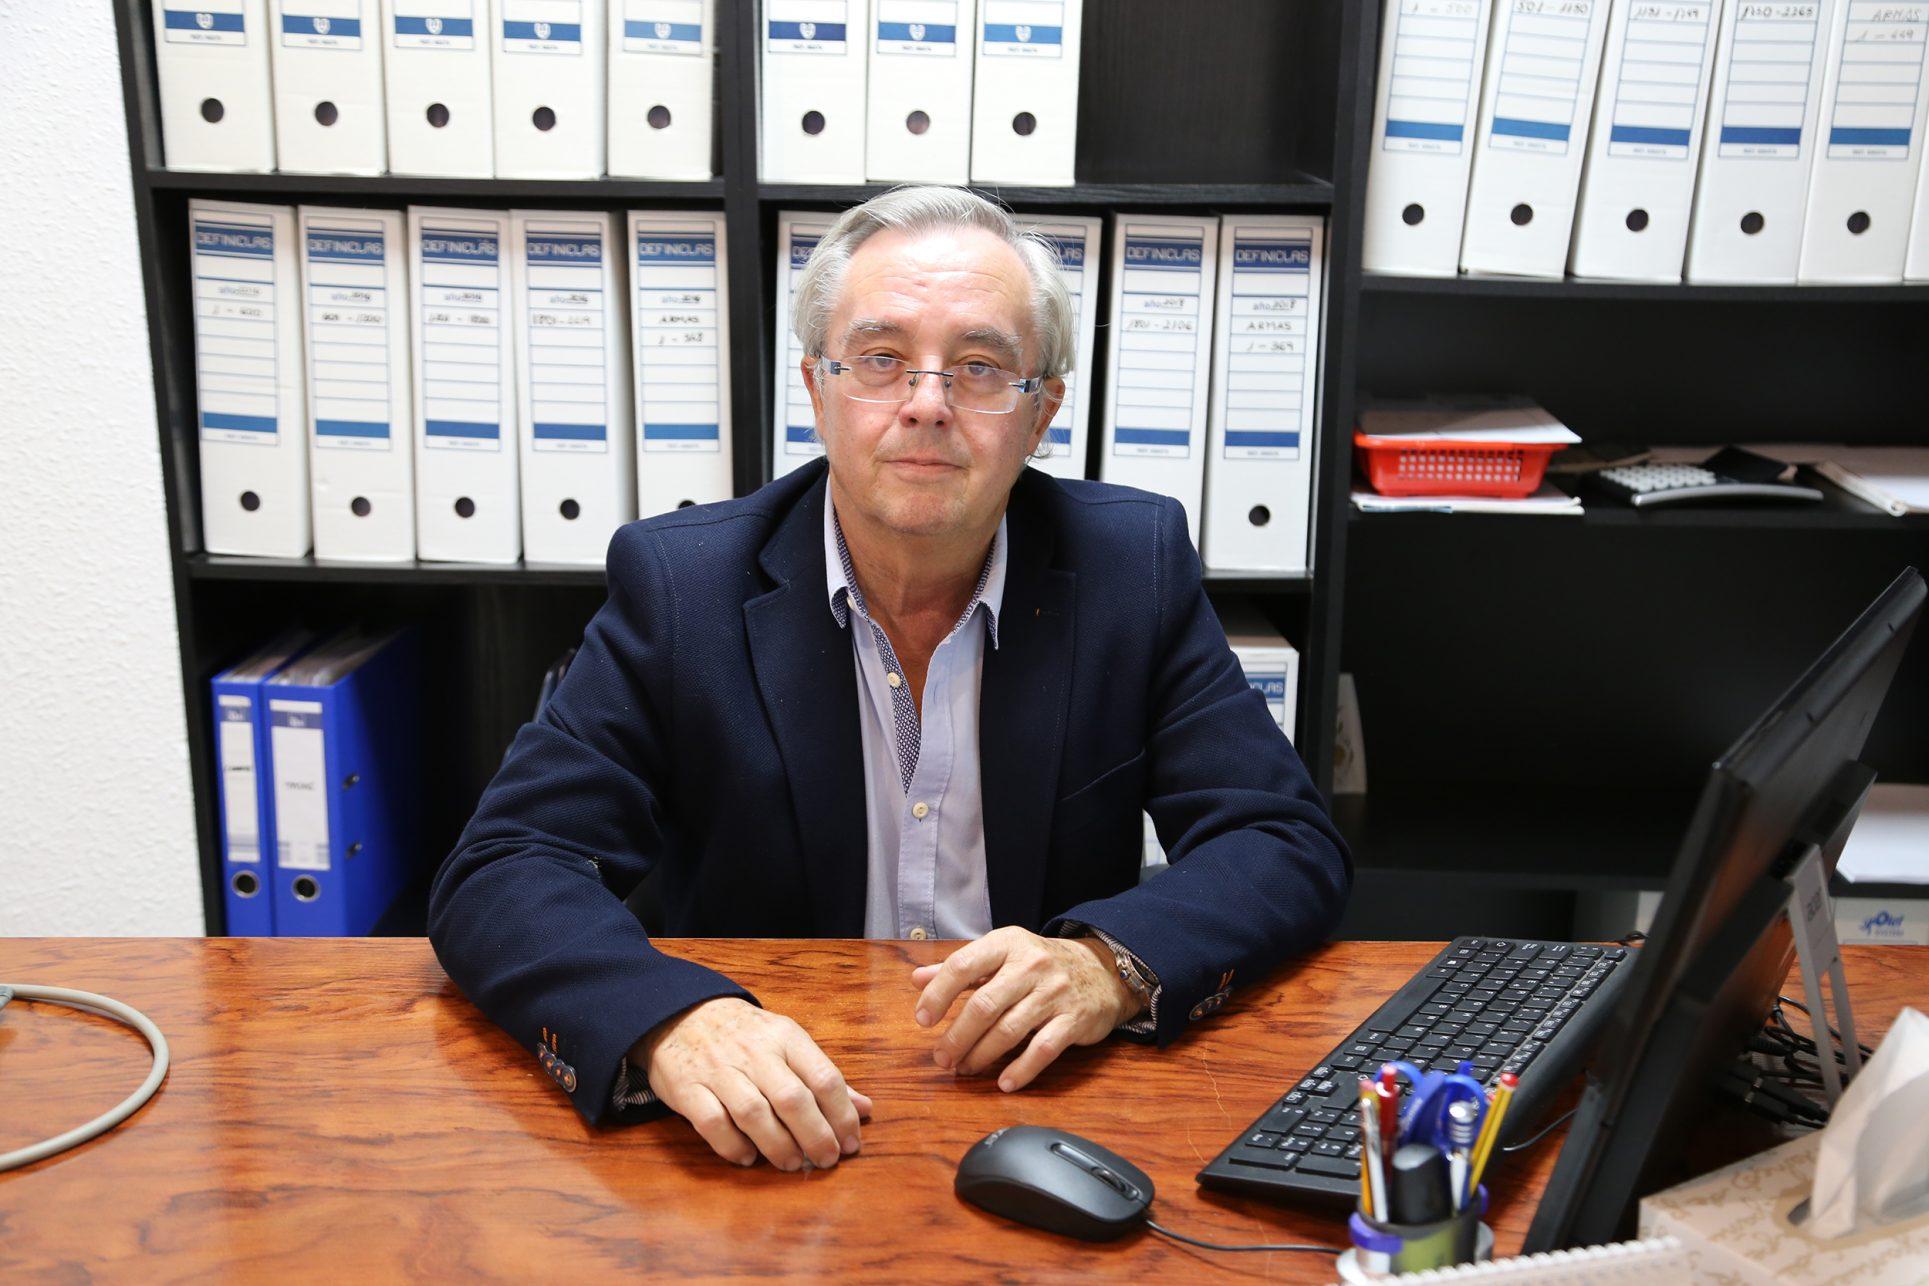 El Departament de Salut Xàtiva-Ontinyent atén entre 170 i 200 casos de càncer a l'any El Periòdic d'Ontinyent